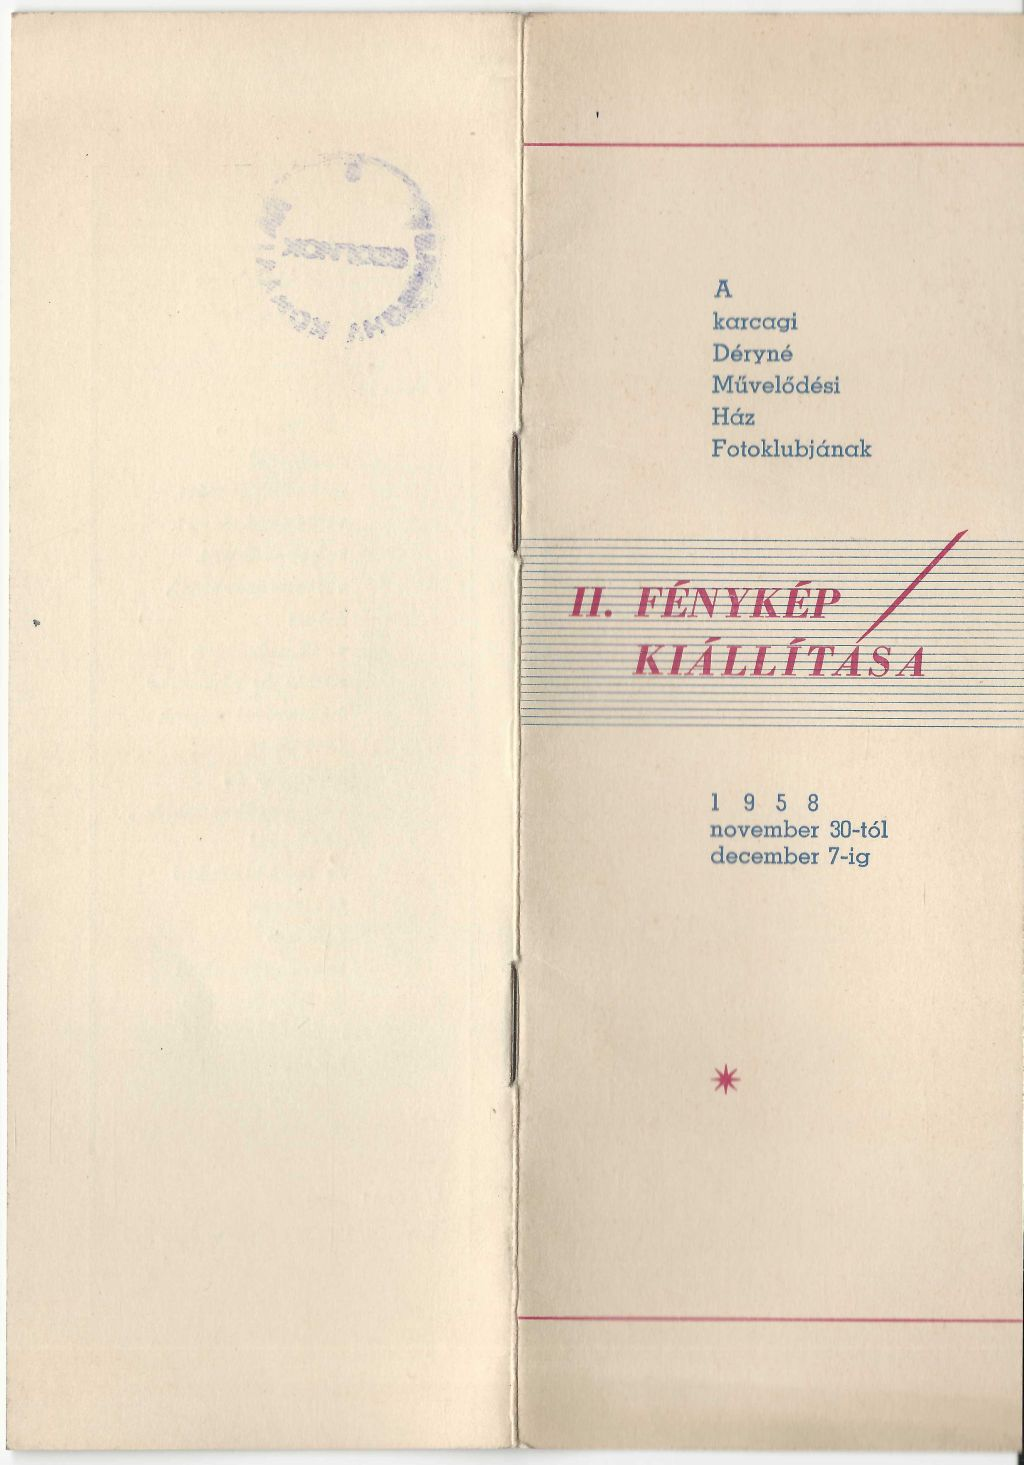 A II. Fényképkiállítás programfüzete 1958. november 30-tól december 7-ig